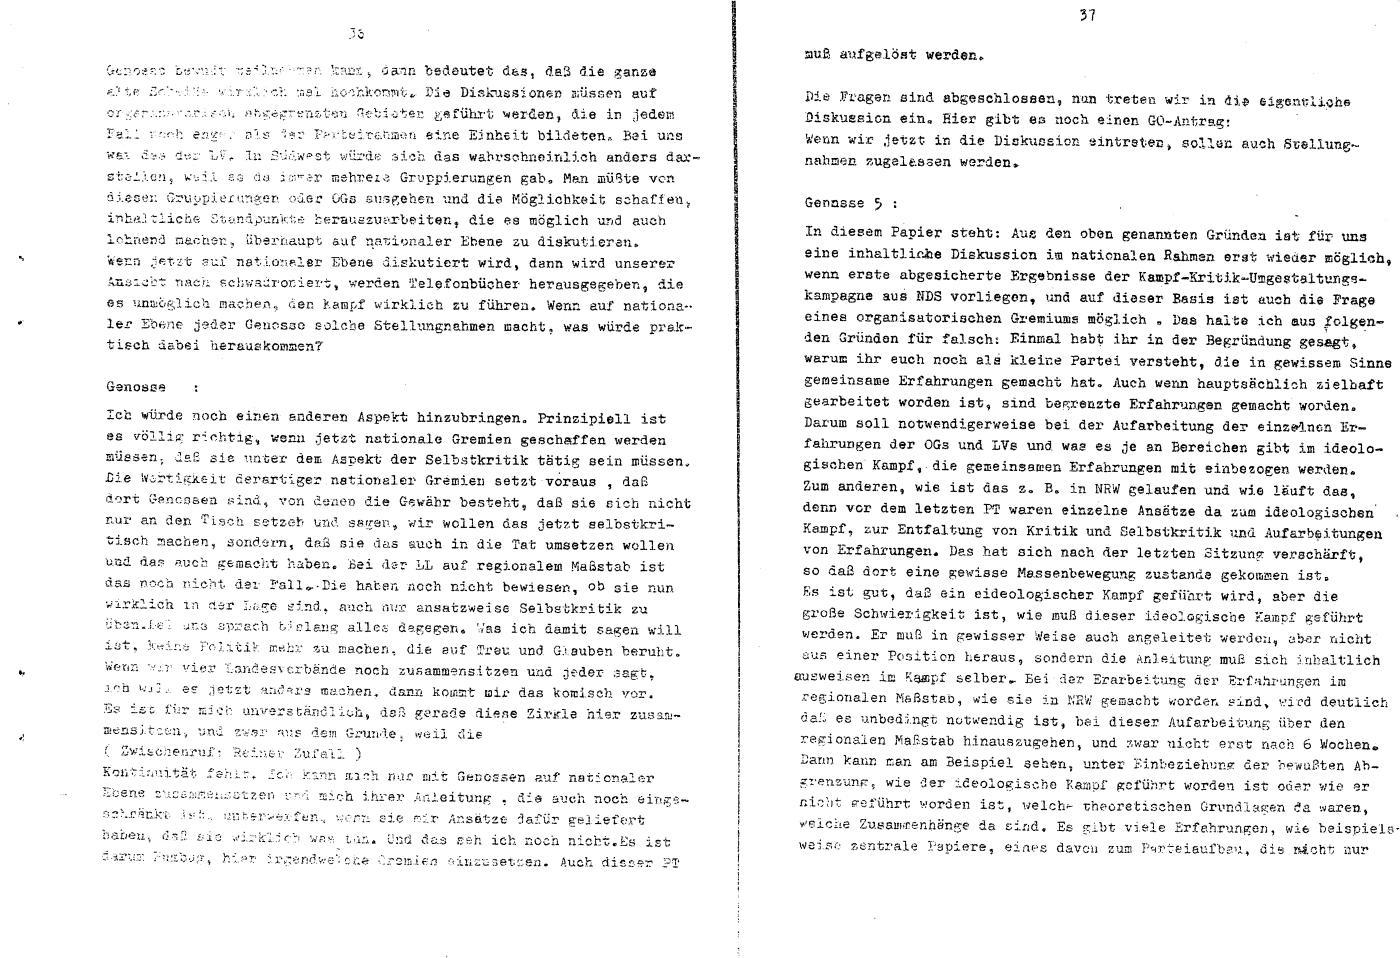 KPDML_1971_Wortprotokolle_aoPt_008